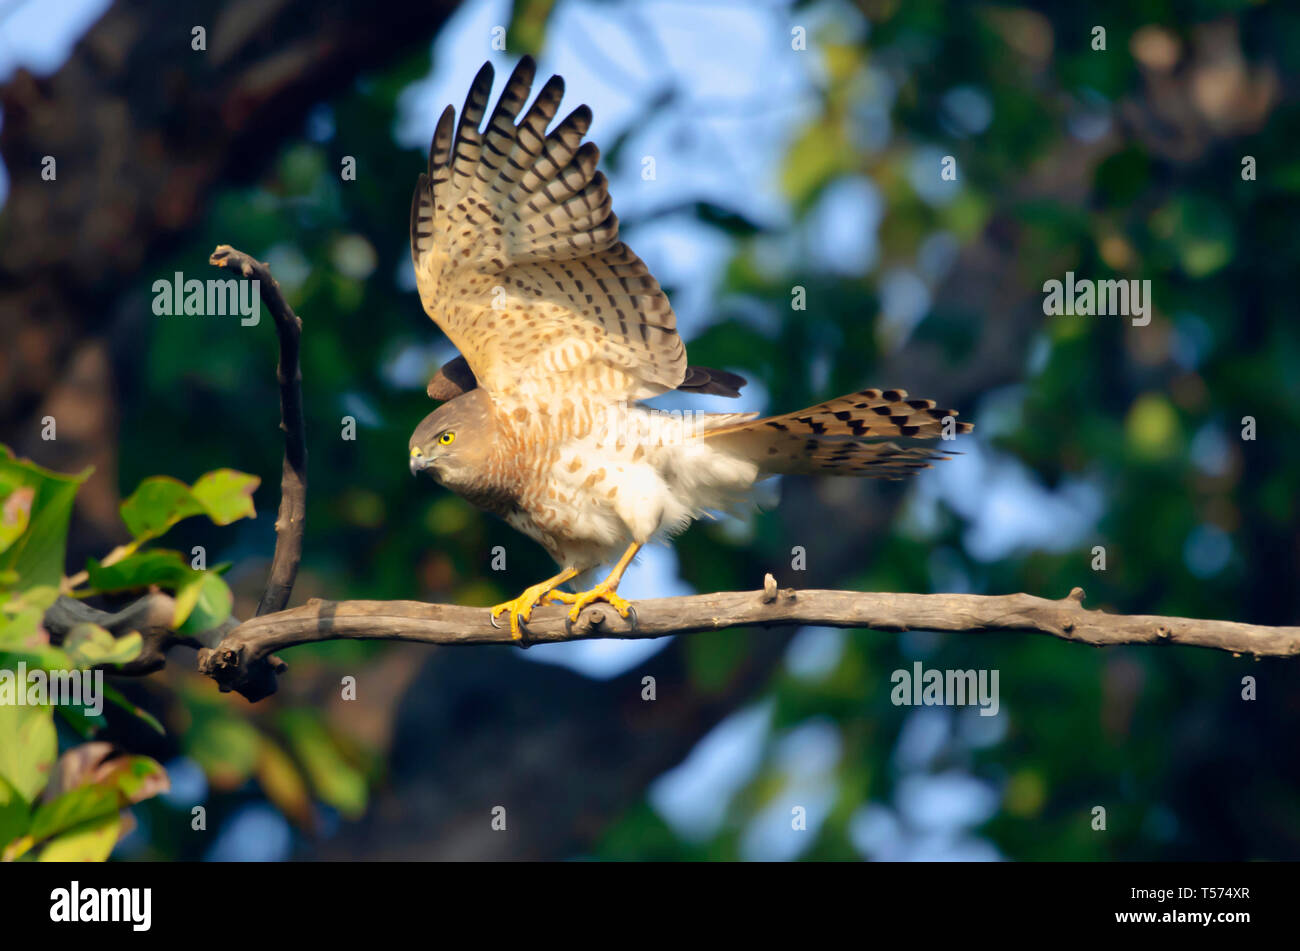 Shikra, Accipiter badius, Keoladeo National Park, Bharatpur, India. - Stock Image